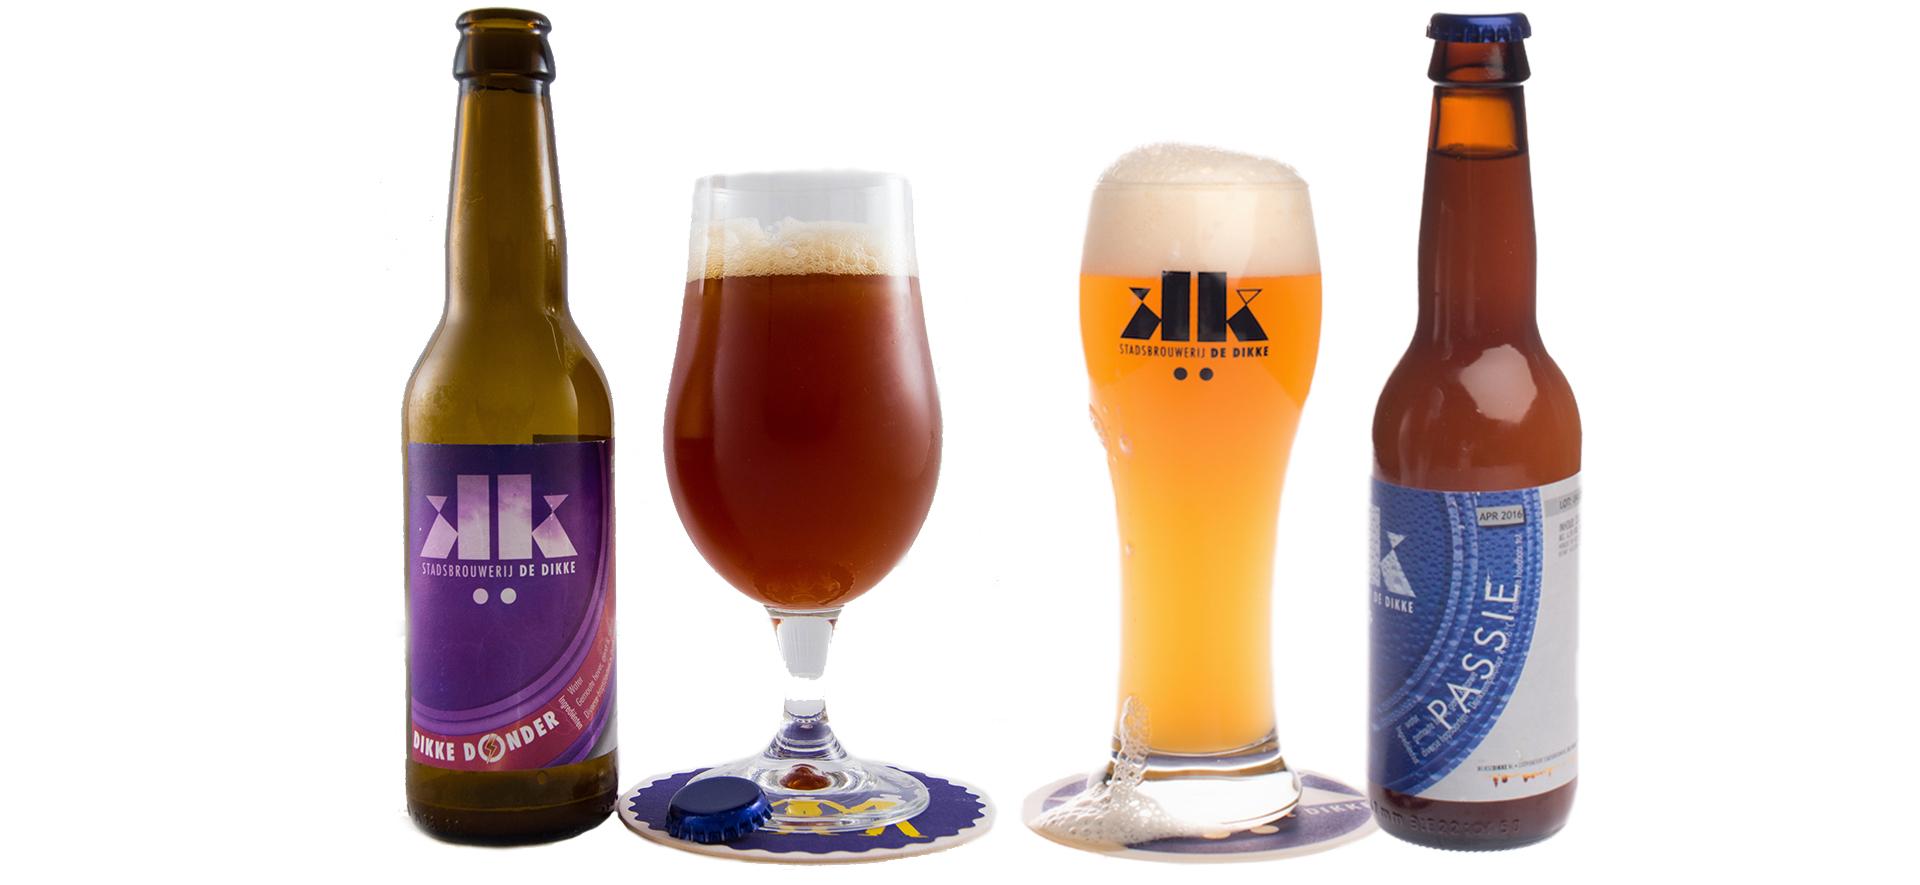 pils-bier-brouwerij-nederland-streekbier-wijk-bij-duurstede-de-dikke-foto-02